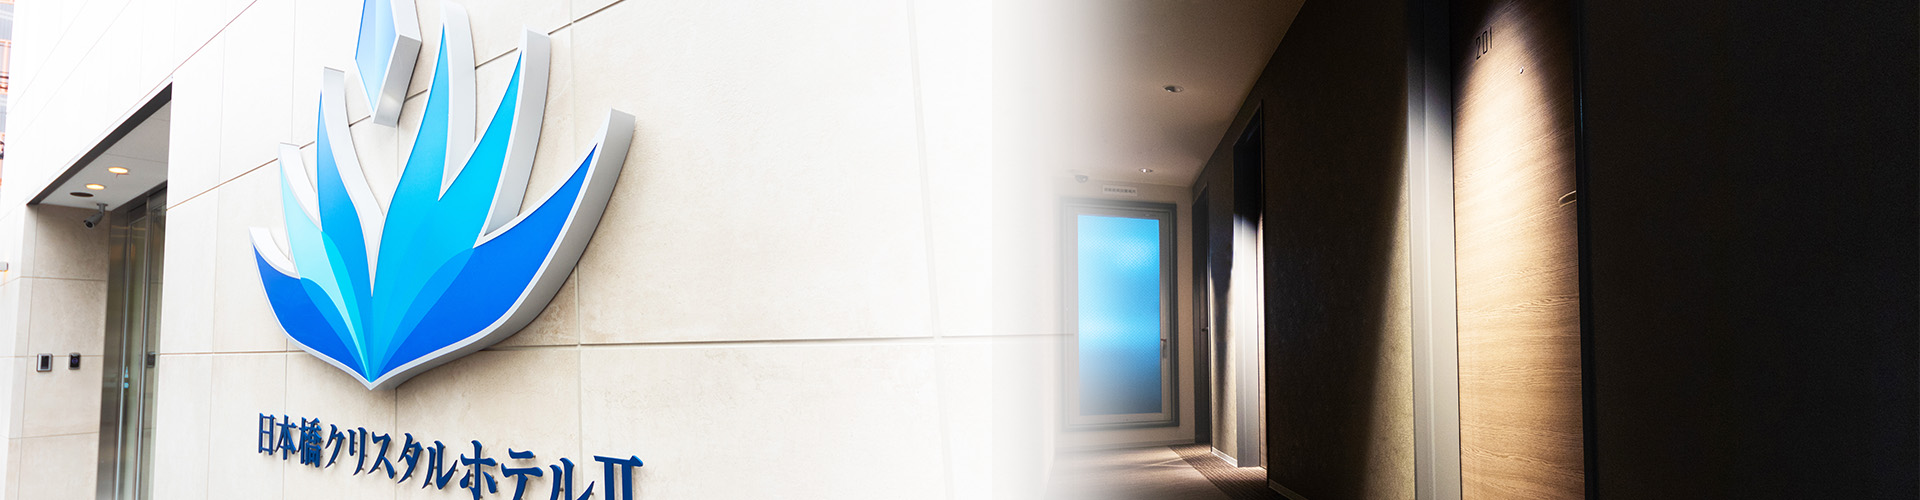 日本橋クリスタルホテルⅡ - 株式会社リゾートライフ